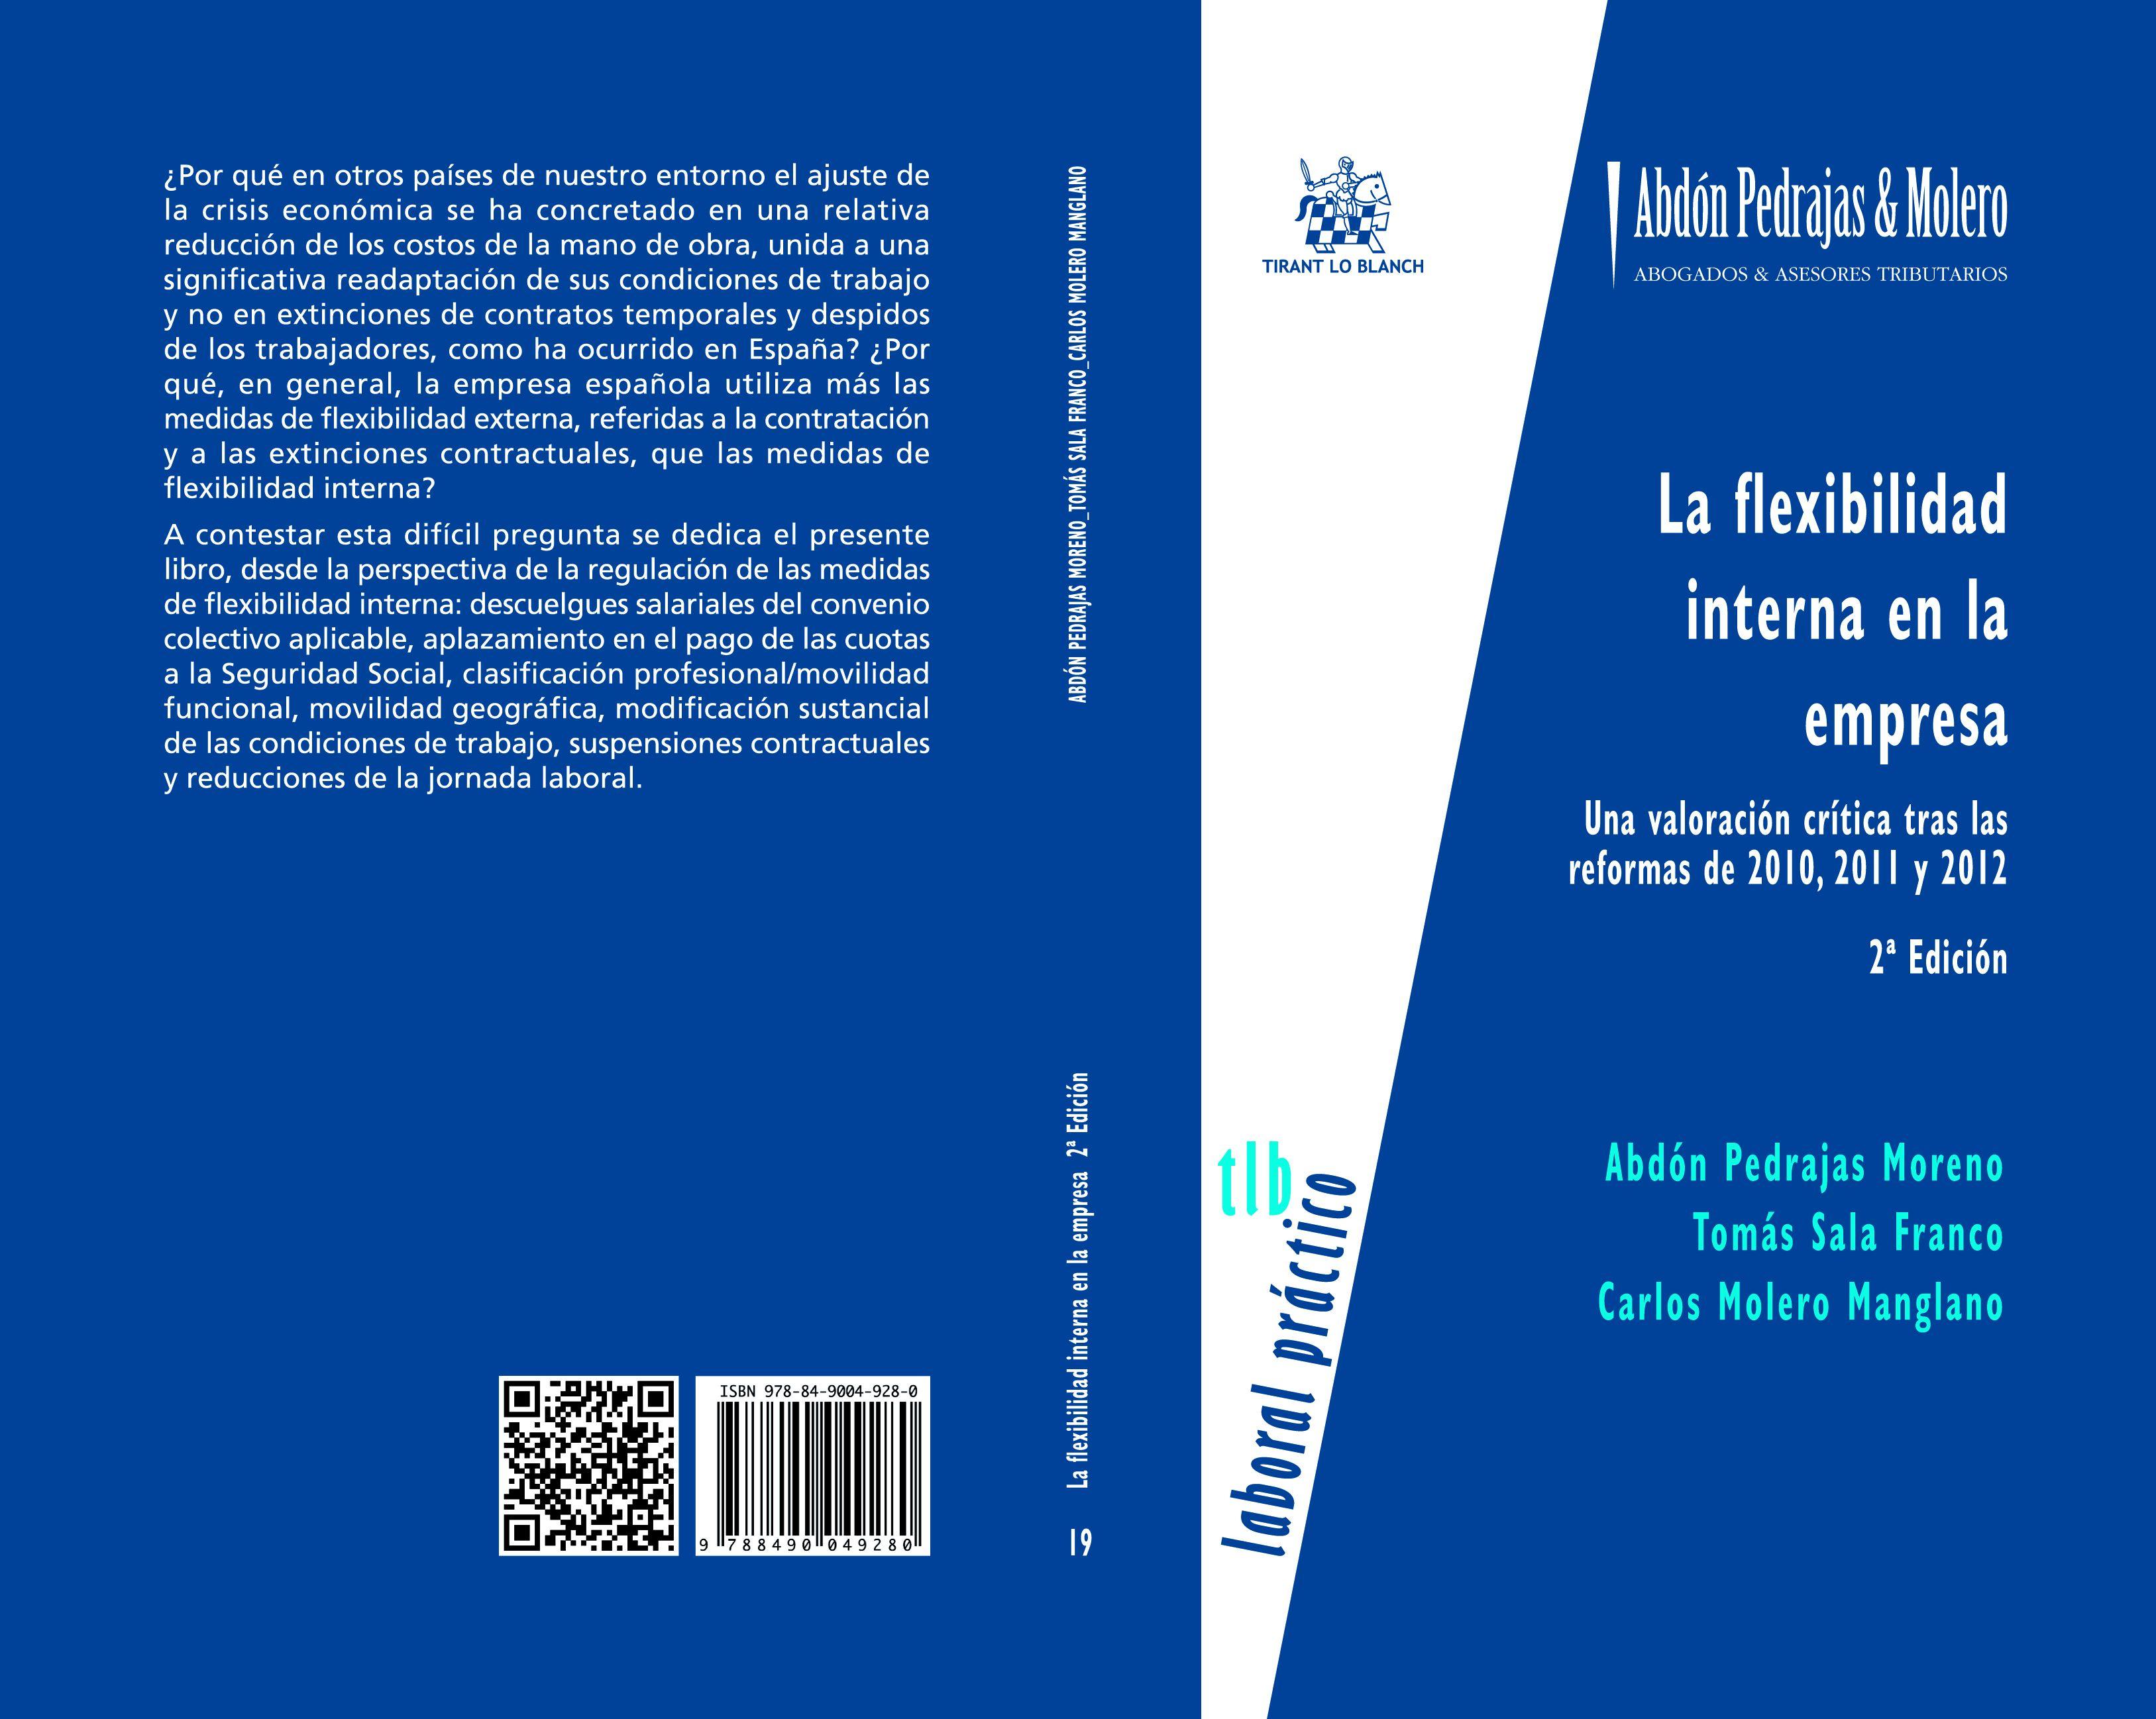 La flexibilidad interna en la empresa: Una valoración crítica tras las reformas de 2010, 2011 y 2012. (2ª Edición)